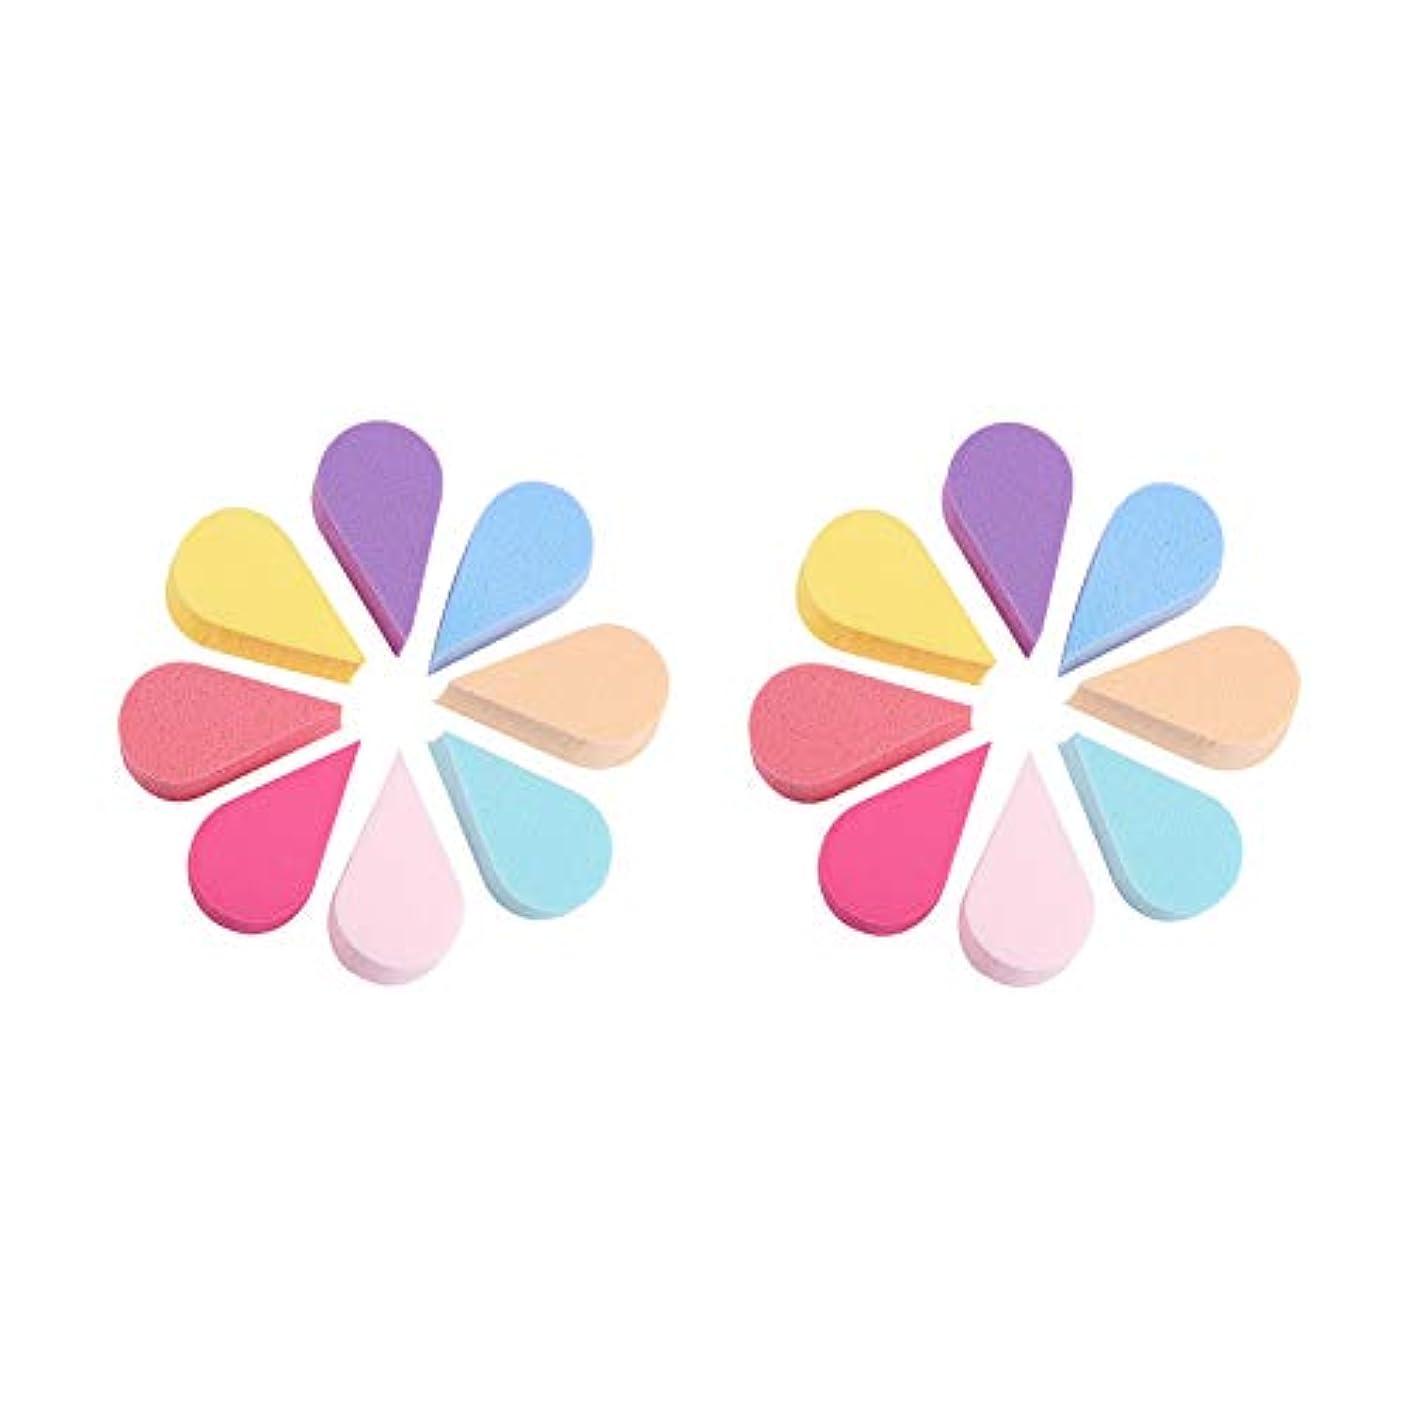 無駄な八のりWANDIC メイクアップスポンジ, 16個 8色 の フェイスペインティング花びらスポンジ ビューティーブレンダーセット クリームパウダー用 フルメイク カバー財団